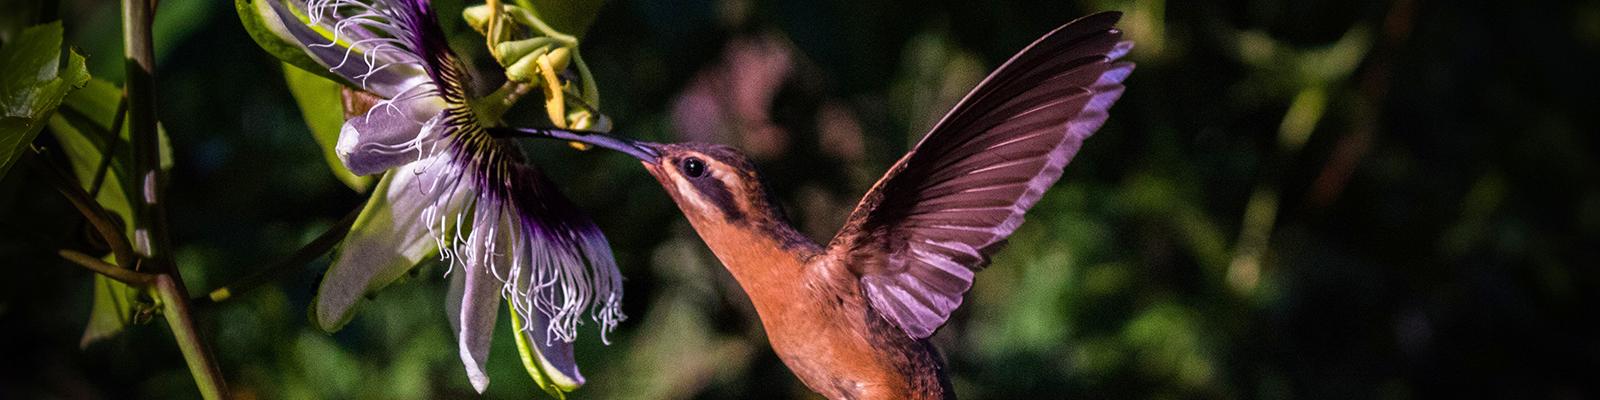 Foto do 1º Concurso de Fotografia – PPGADR - Seu Olhar Sobre o Ambiente. Beija-flor-de-maracujá. Raul M. C. dos Santos. Pássaro beija-flor da cor marrom em voo e sugando o néctar de uma flor de maracujá de cor roxa.